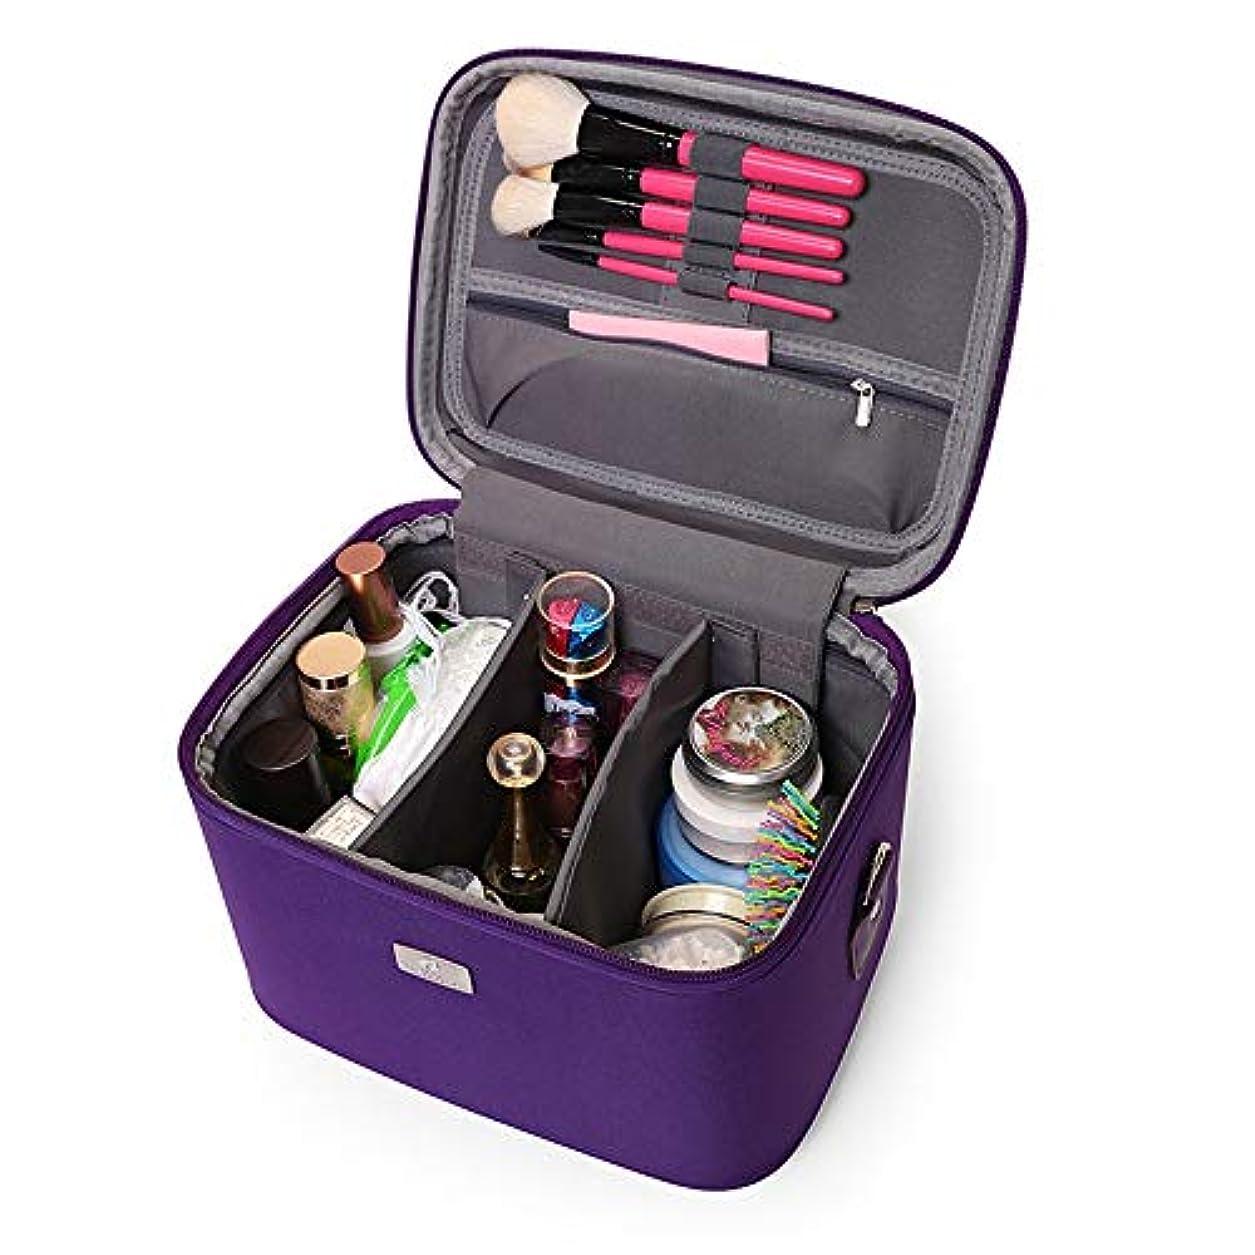 分析的な通行料金ジャンプする化粧オーガナイザーバッグ 14インチのメイクアップトラベルバッグPUレター防水化粧ケースのティーン女の子の女性アーティスト 化粧品ケース (色 : 紫の)